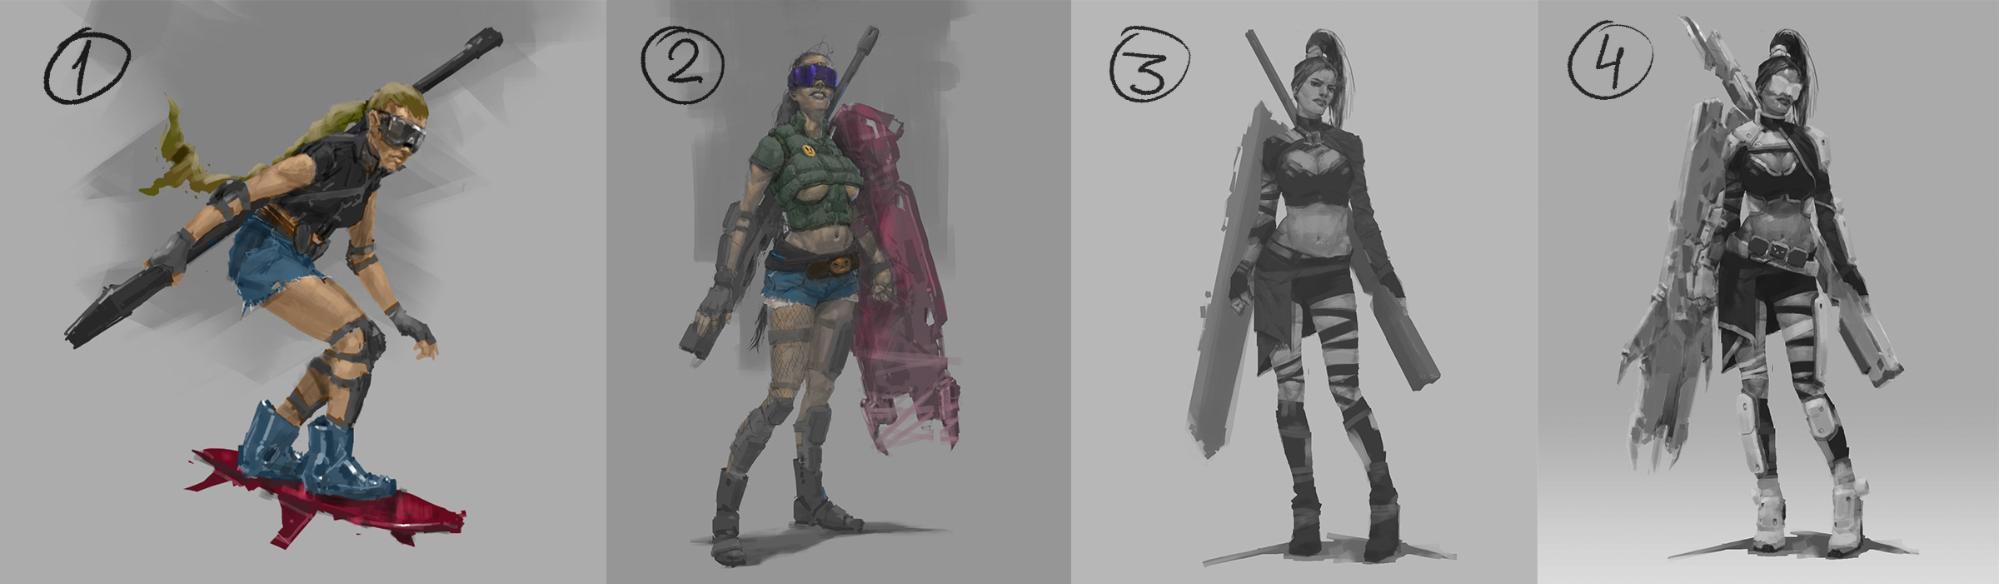 Рефлексия геймдизайнера: персонажи для игры, которая не вышла - 1